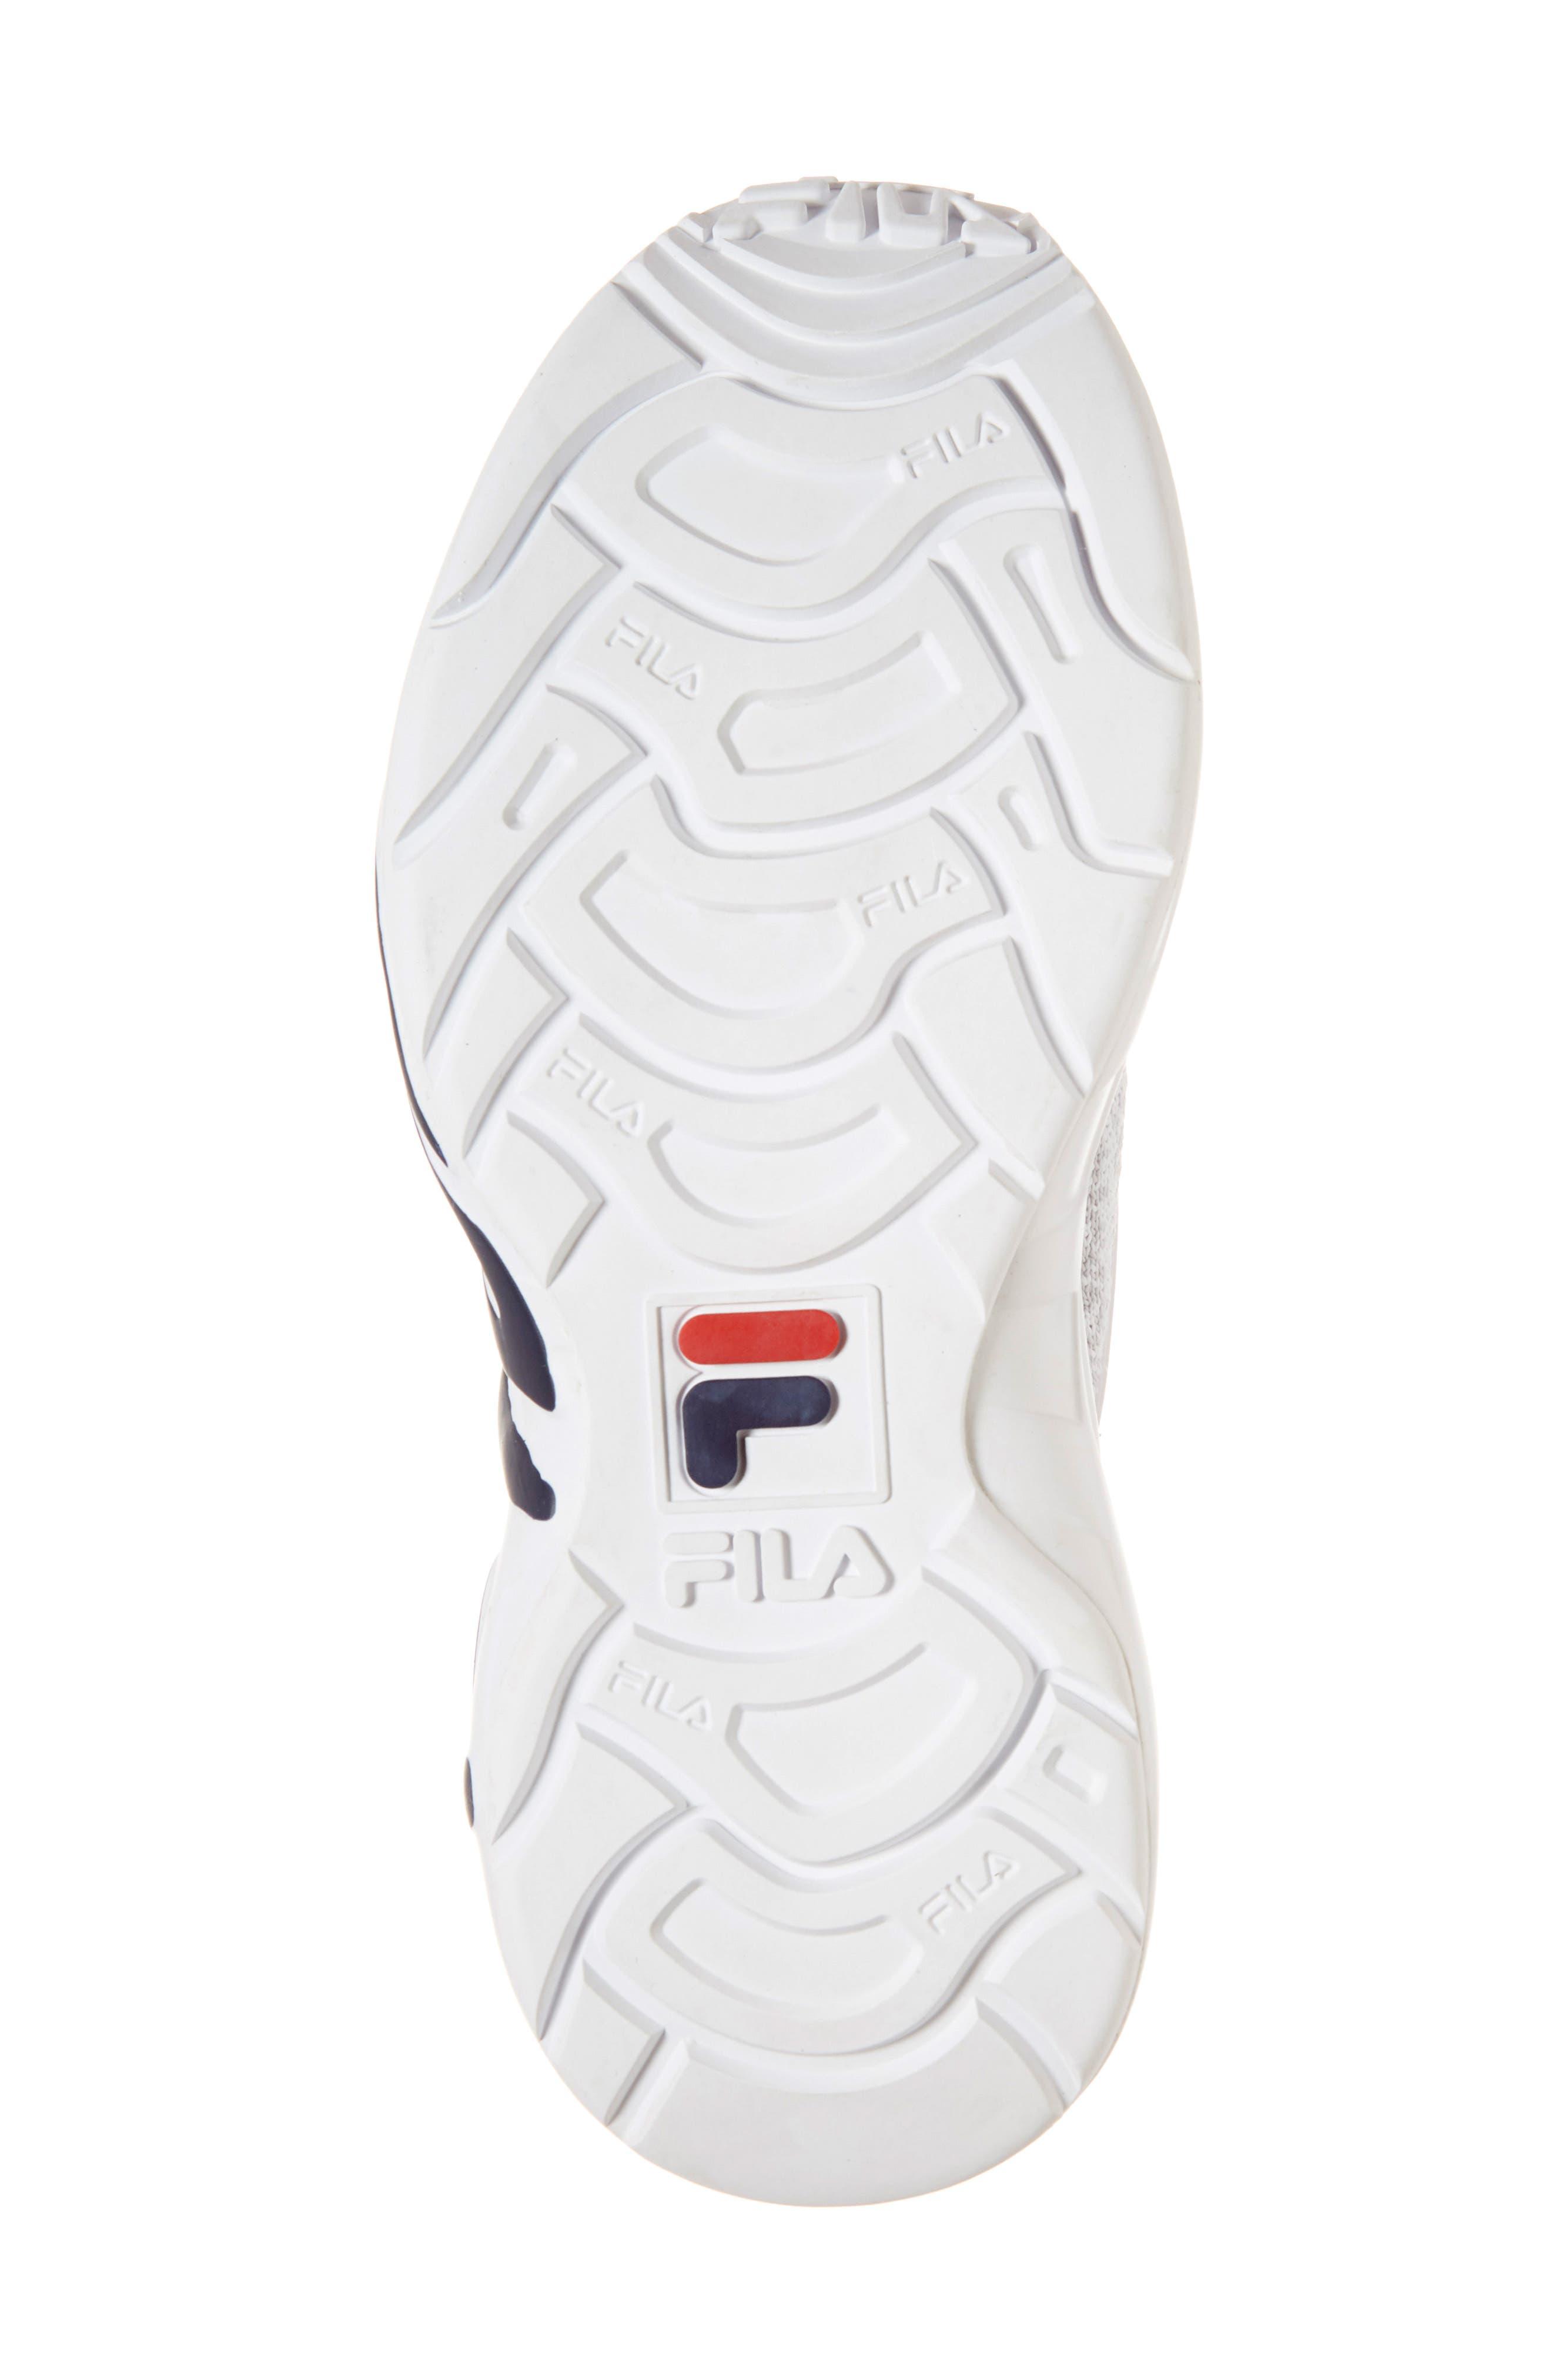 Mindbreaker 2.0 Sneaker,                             Alternate thumbnail 6, color,                             White/ Navy/ Red